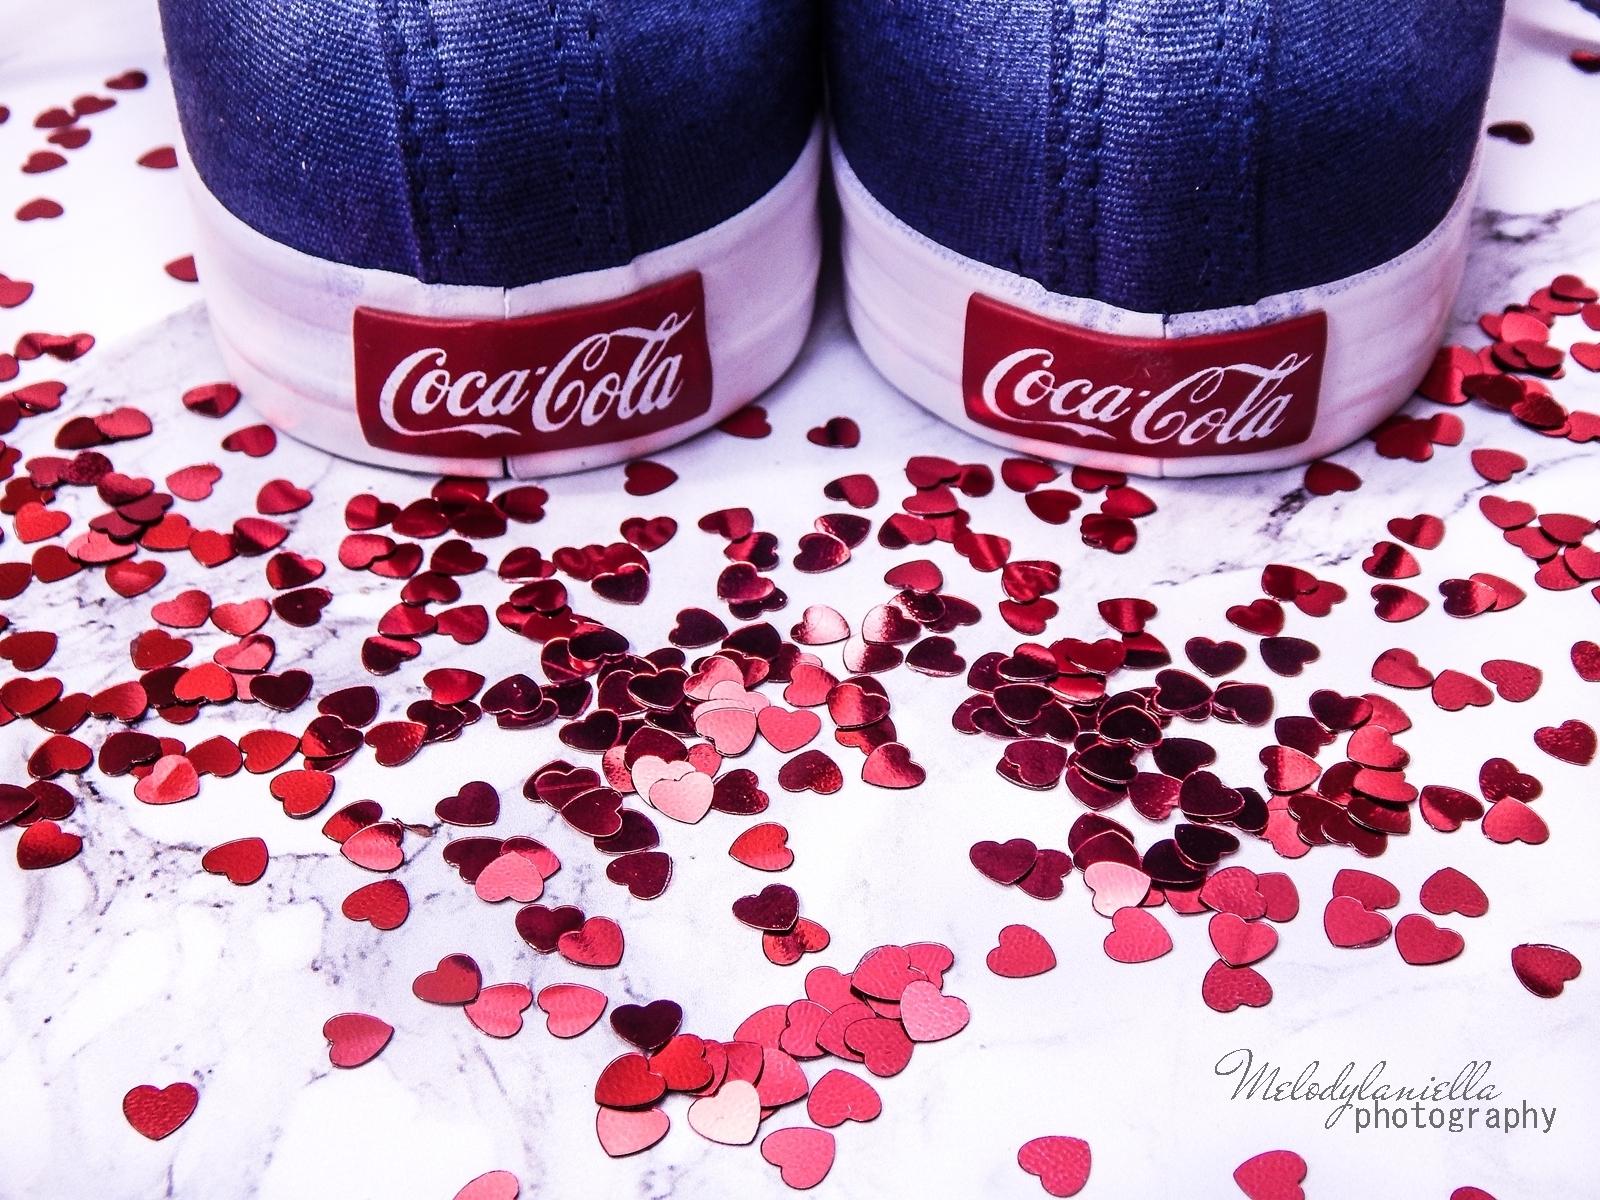 15 buty łuków baleriny tenisówki mokasyny sandały z ponopnami trzy modele butów modnych na lato melodylaniella recenzje buty coca-cola szare półbuty z kokardą buty na wesele buty do sukienki moda